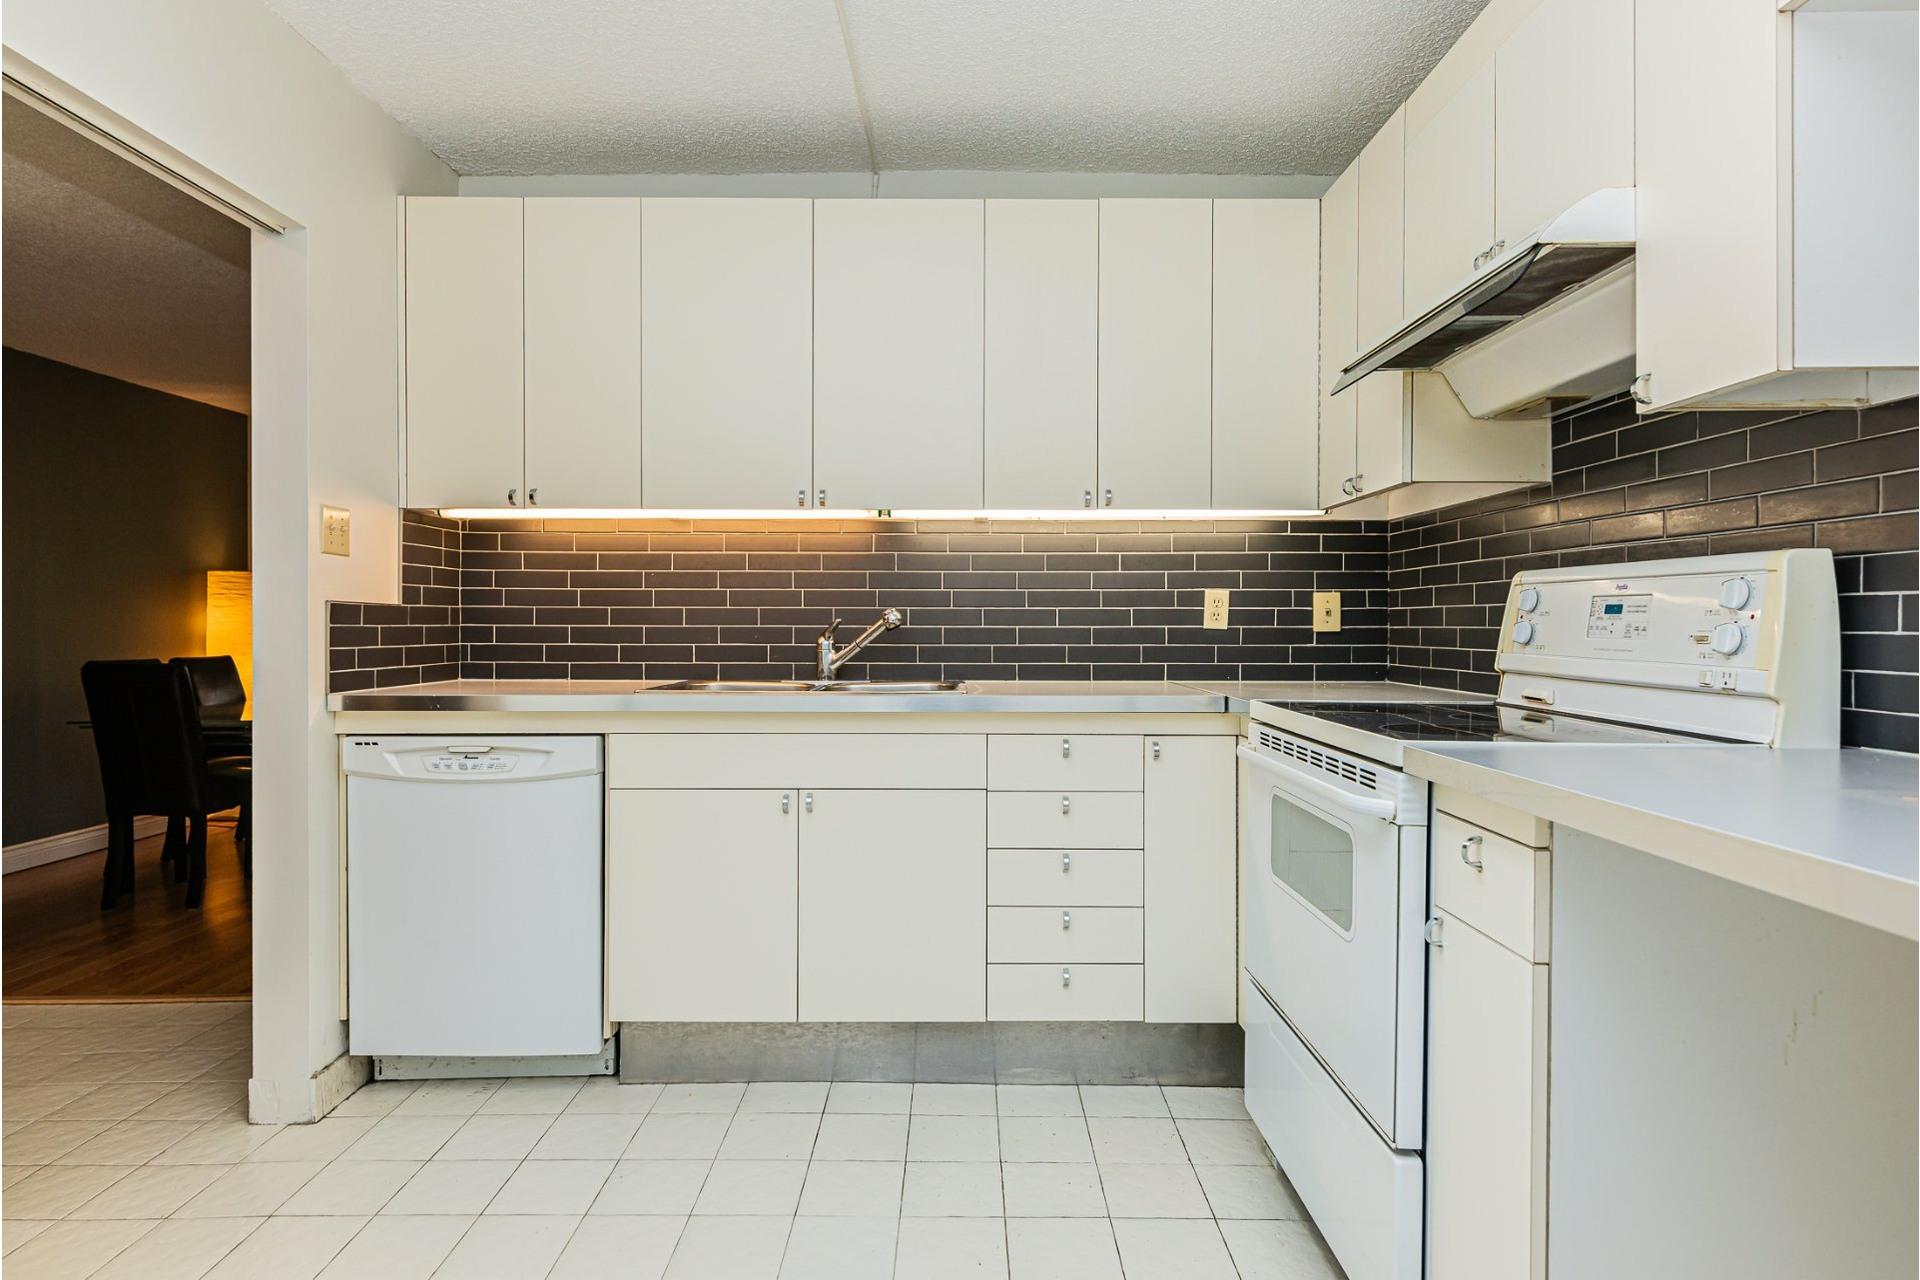 image 9 - Apartment For sale Ville-Marie Montréal  - 5 rooms